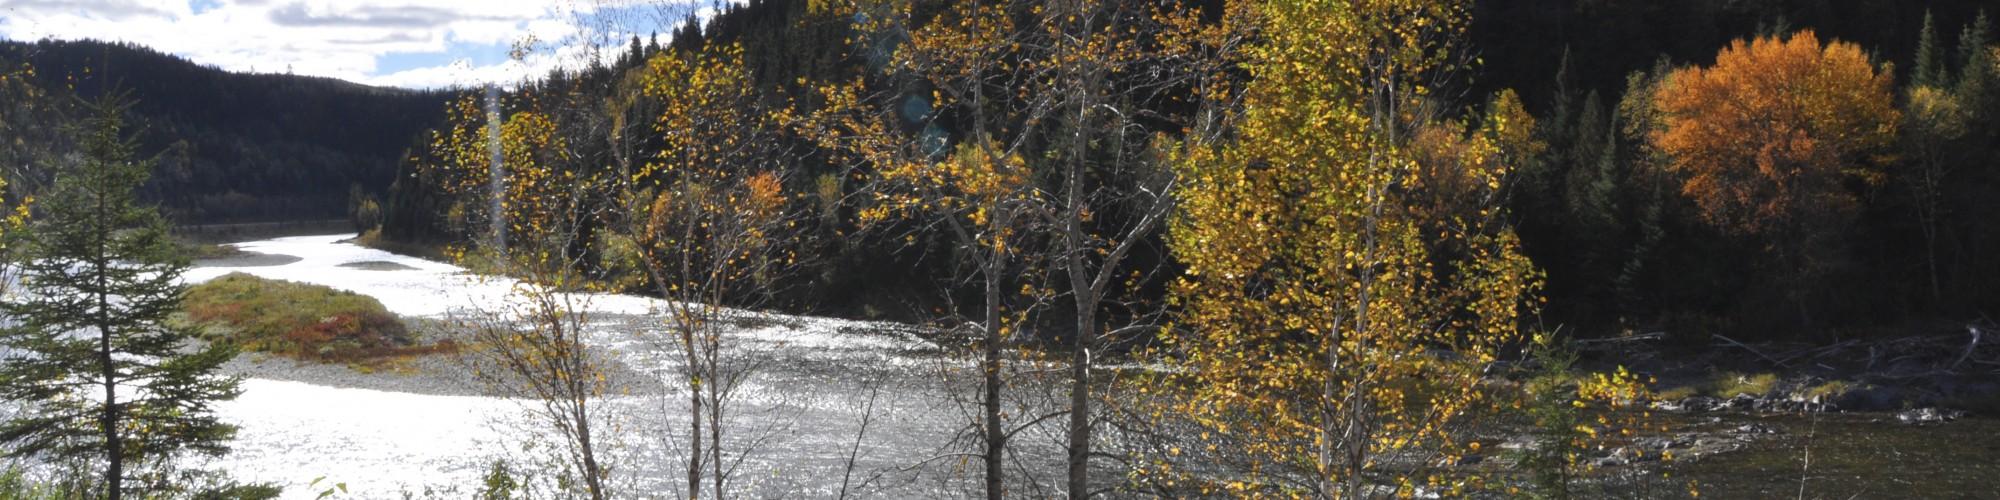 River, autumnal landscape